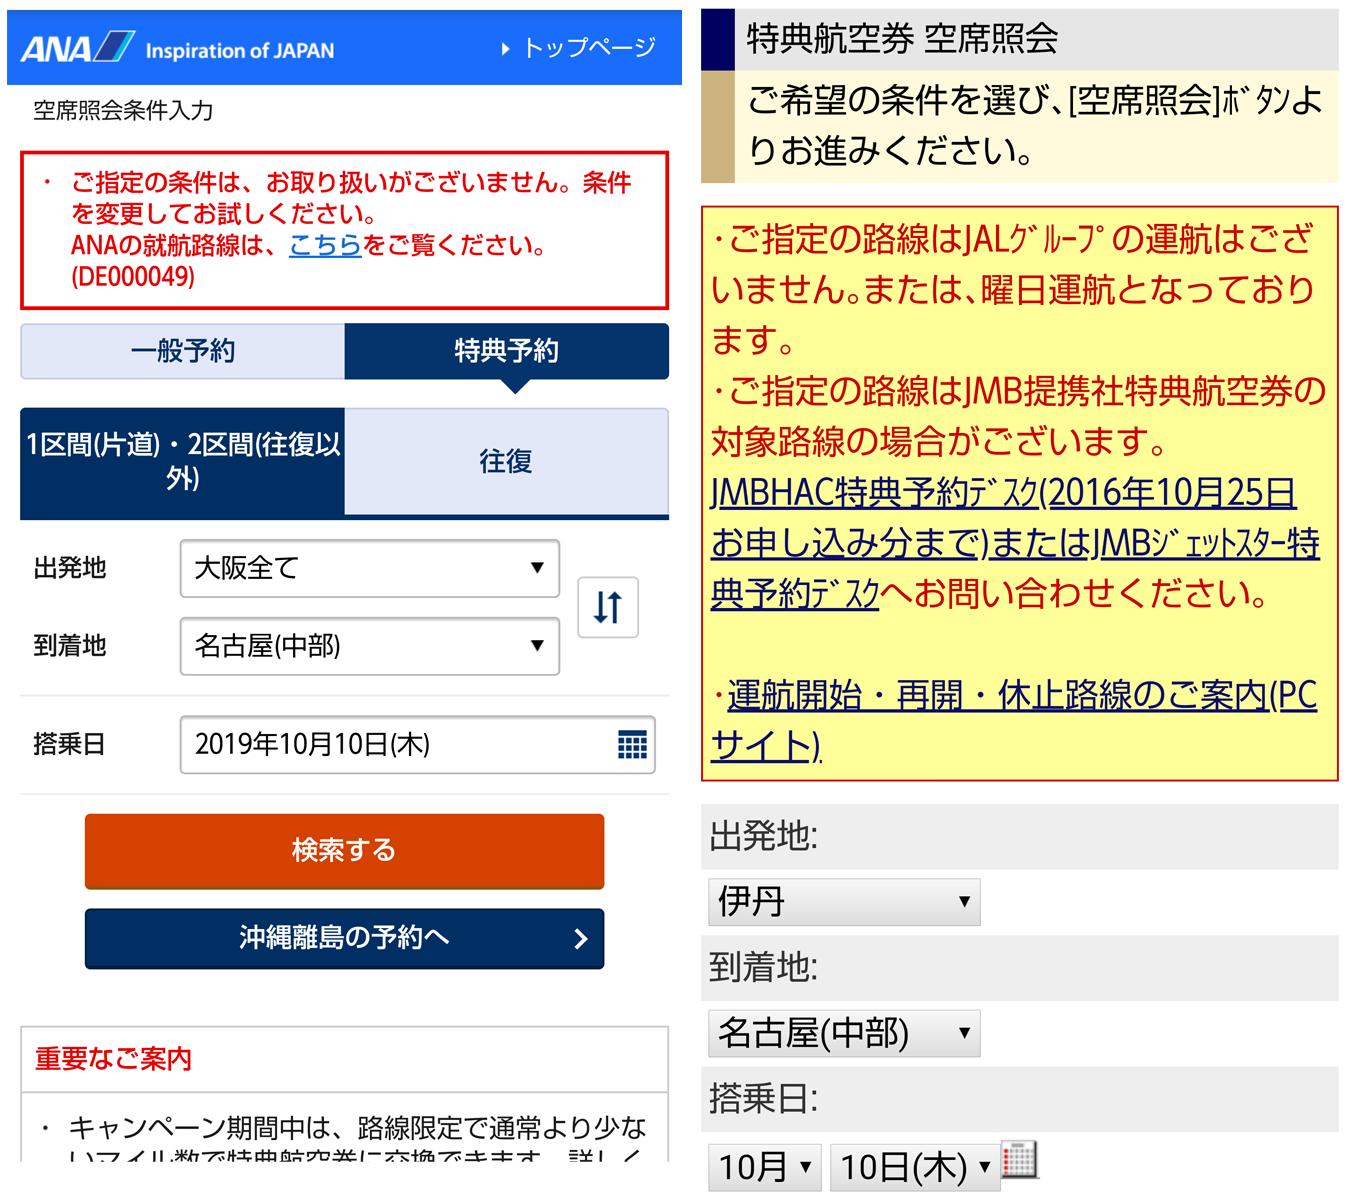 大阪-名古屋間の特典航空券をANAとJALで検索した結果